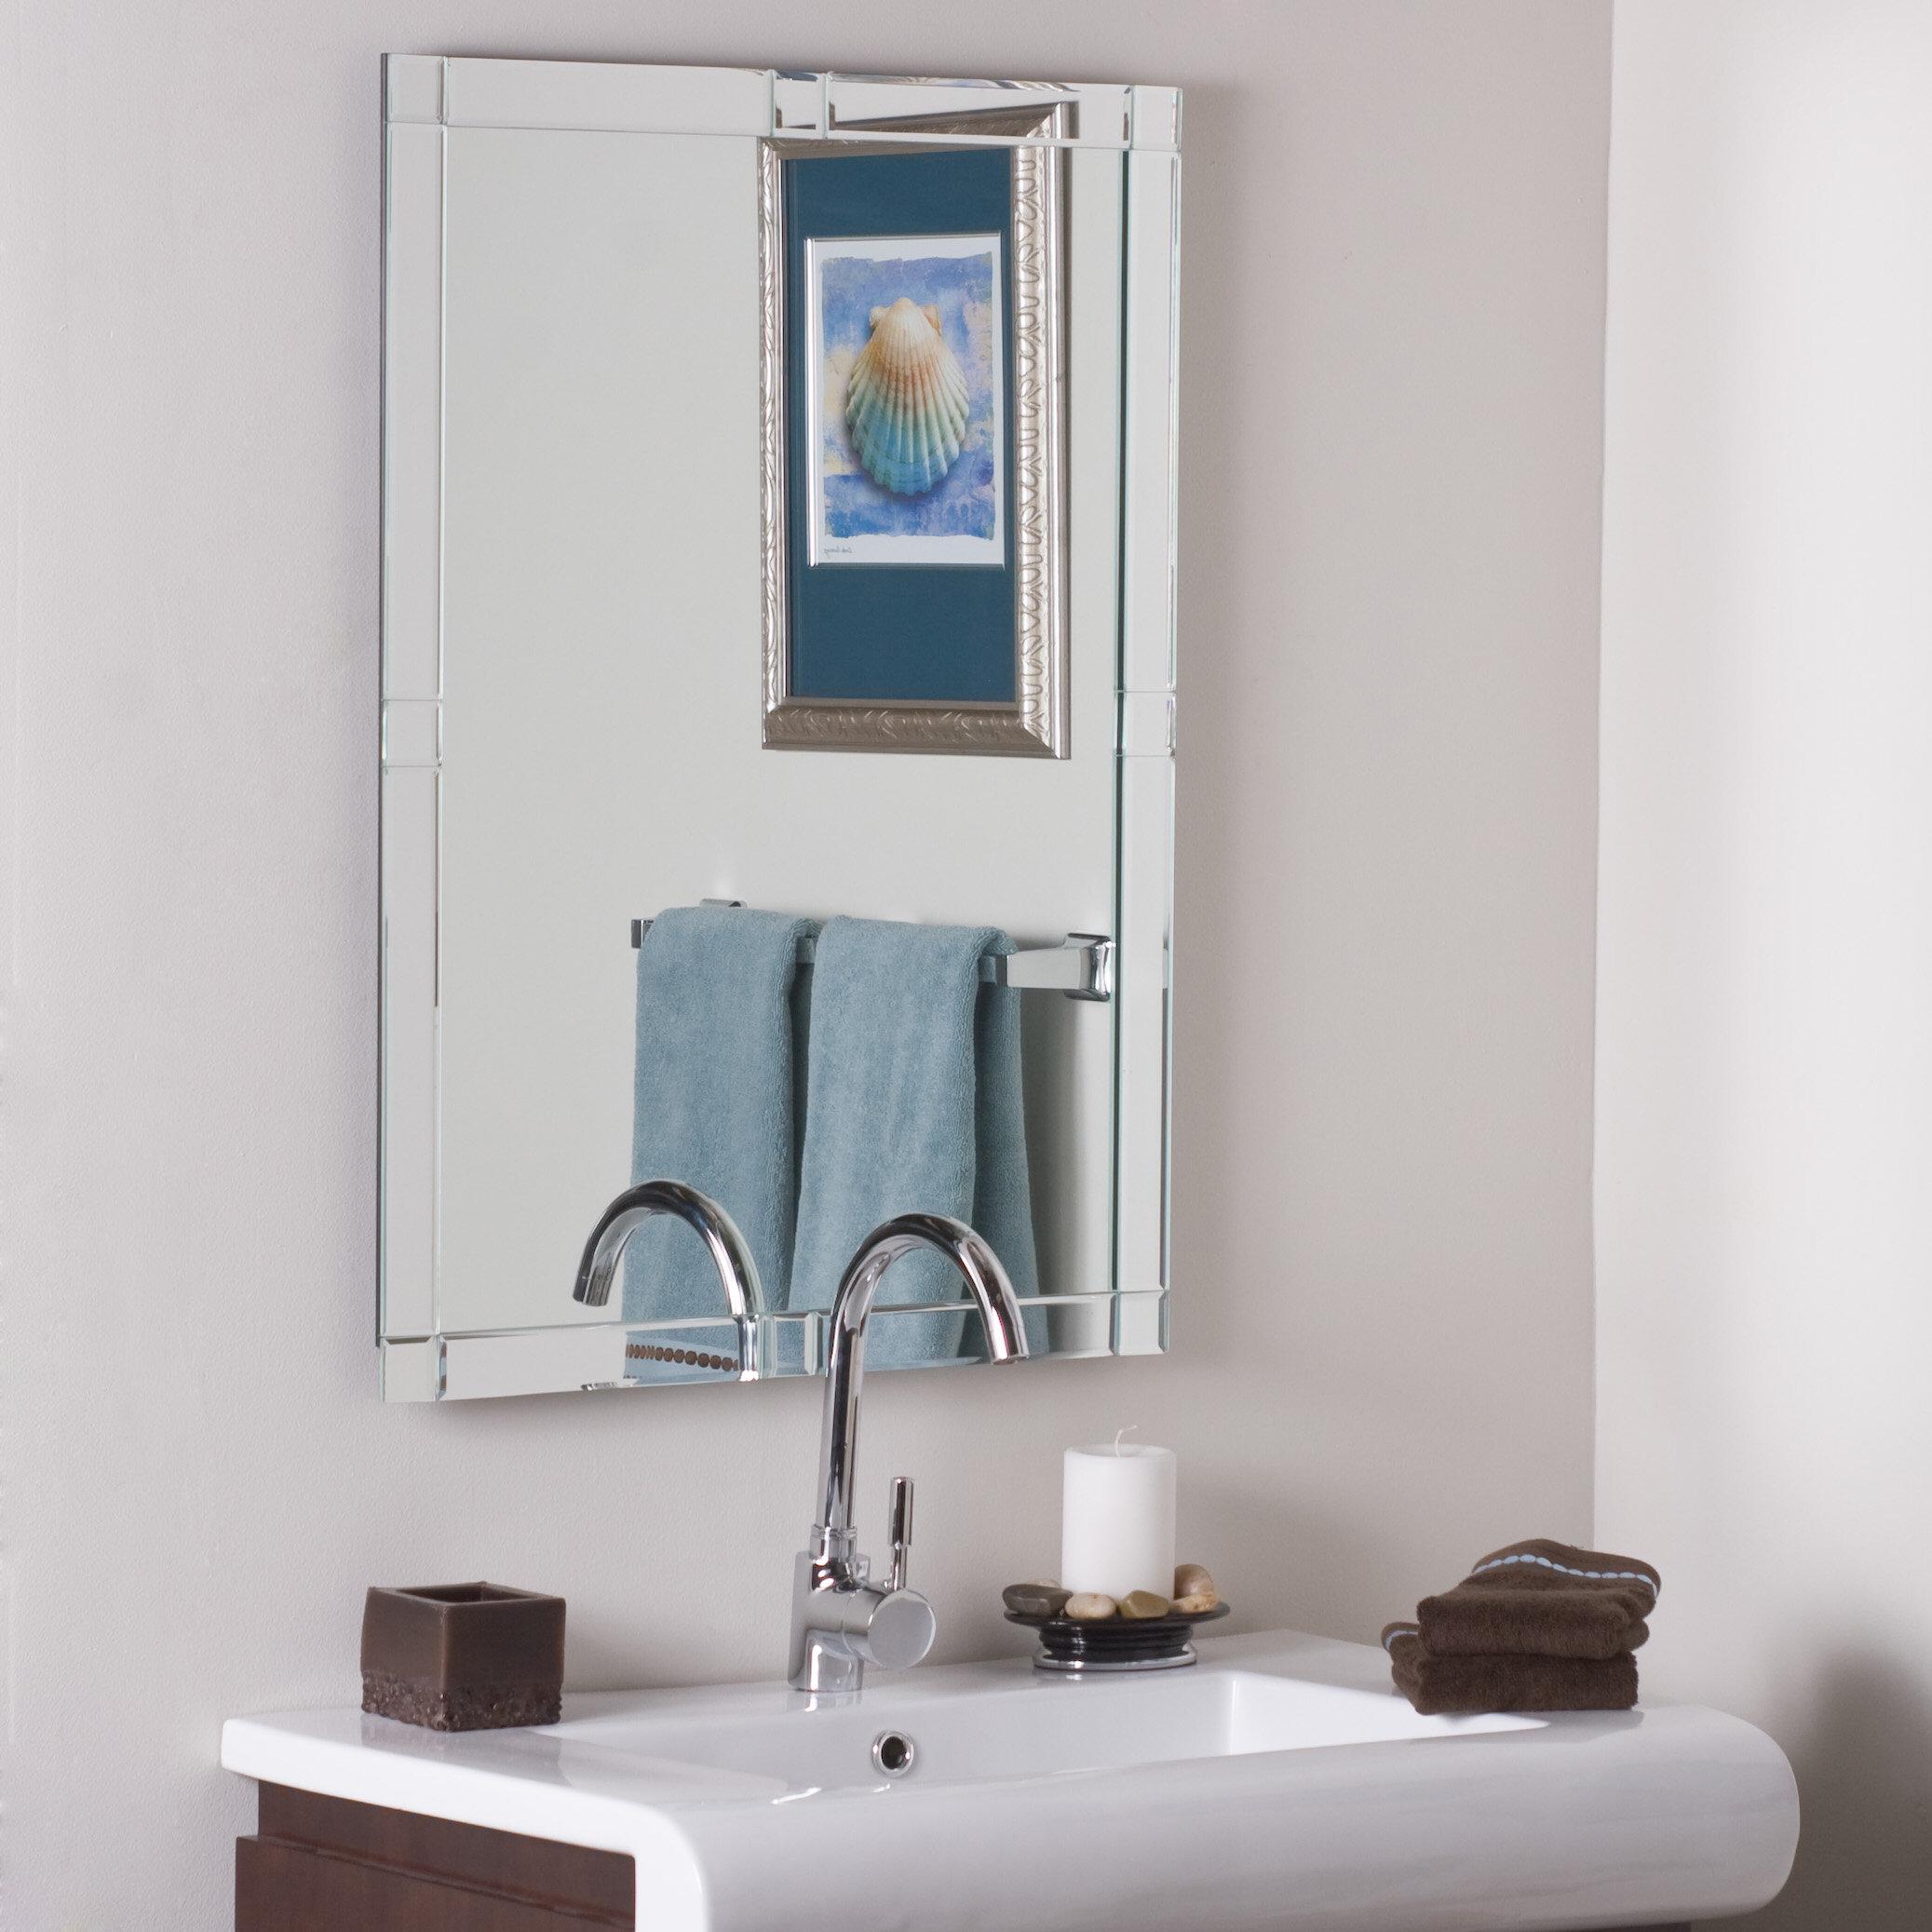 wade logan frameless wall mirror reviews wayfair